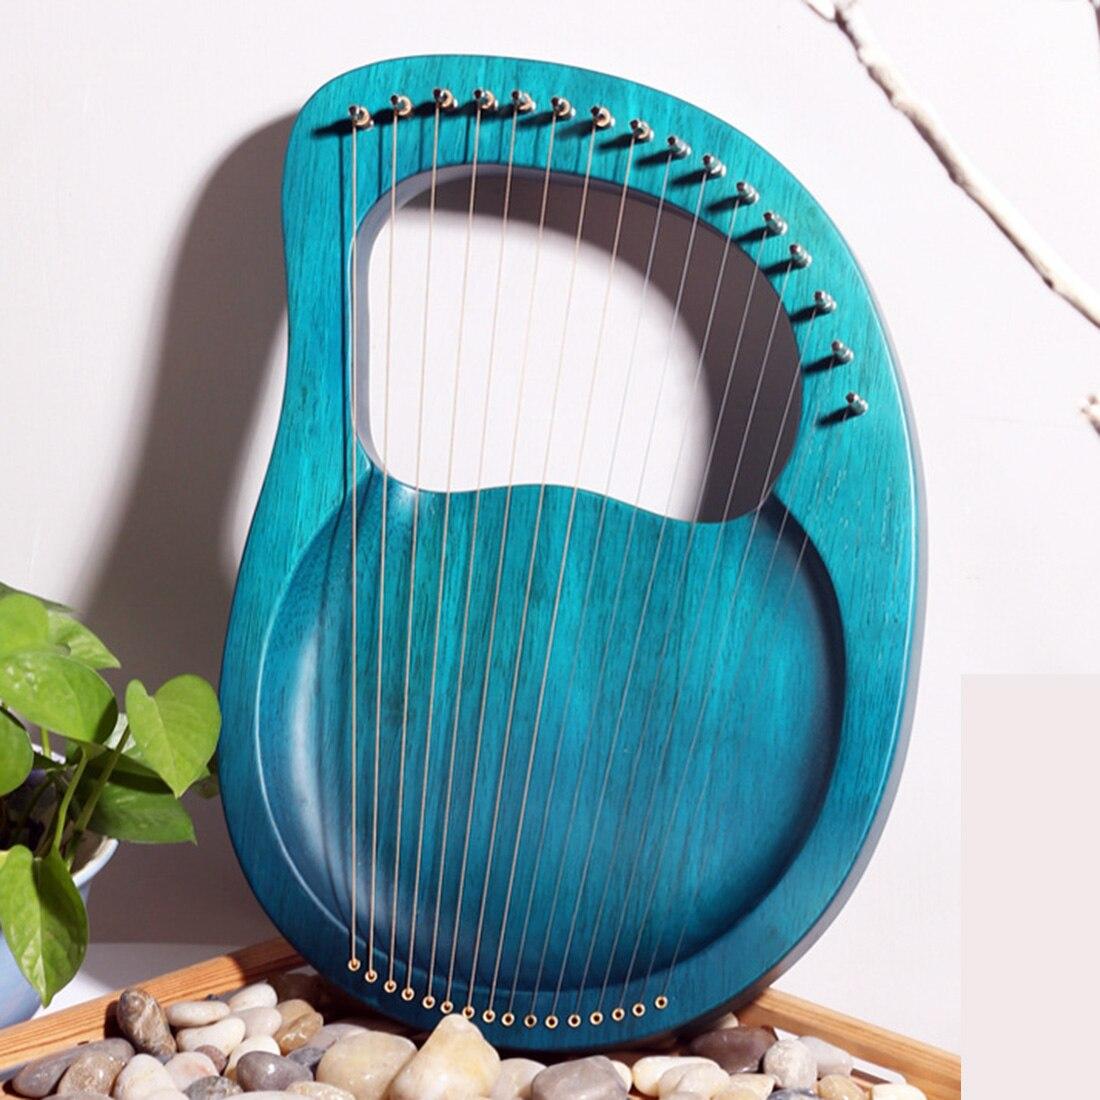 16 cuerdas Lire madera maciza ARPA de madera instrumentos musicales clásicos niños regalo de Navidad-Rosa/Burlywood/azul añil/Claret